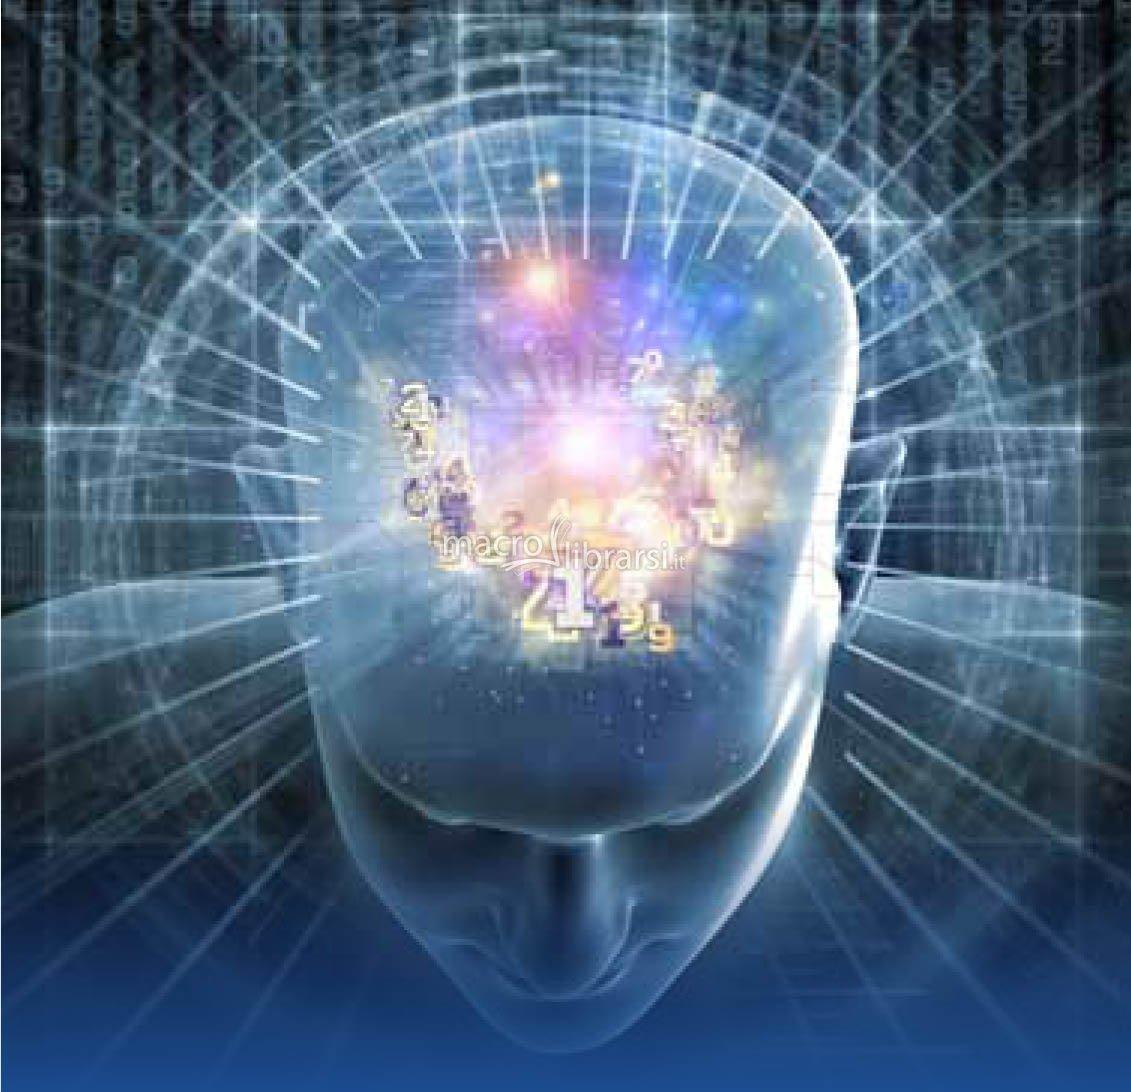 La psicologia quantistica: scienza o marketing?